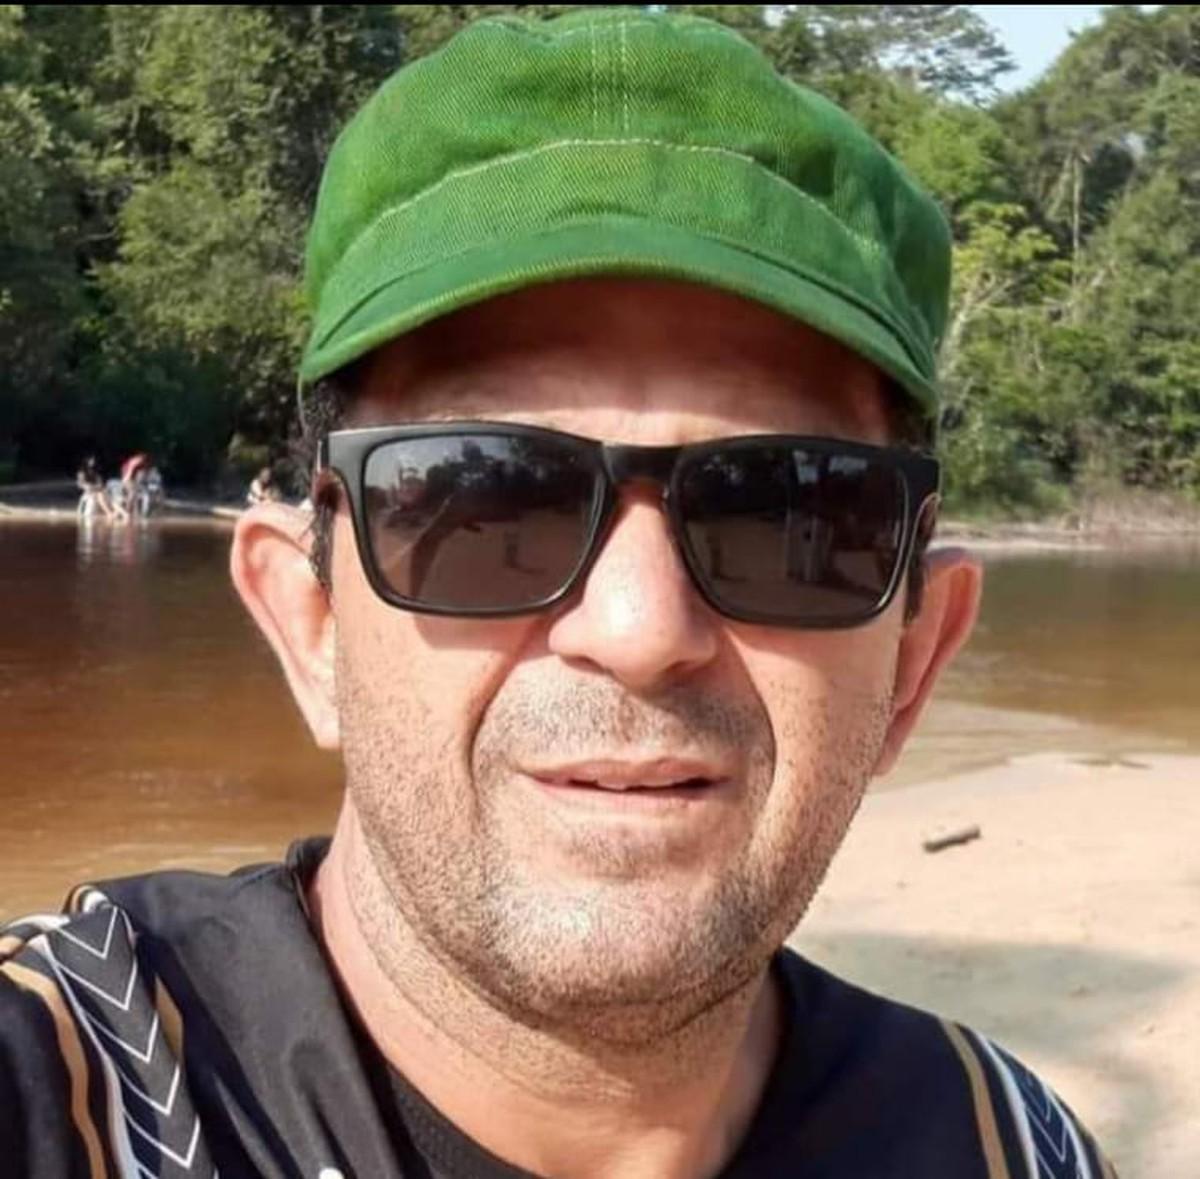 Compositor de músicas regionais, cantor de Cruzeiro do Sul morre vítima de câncer - G1